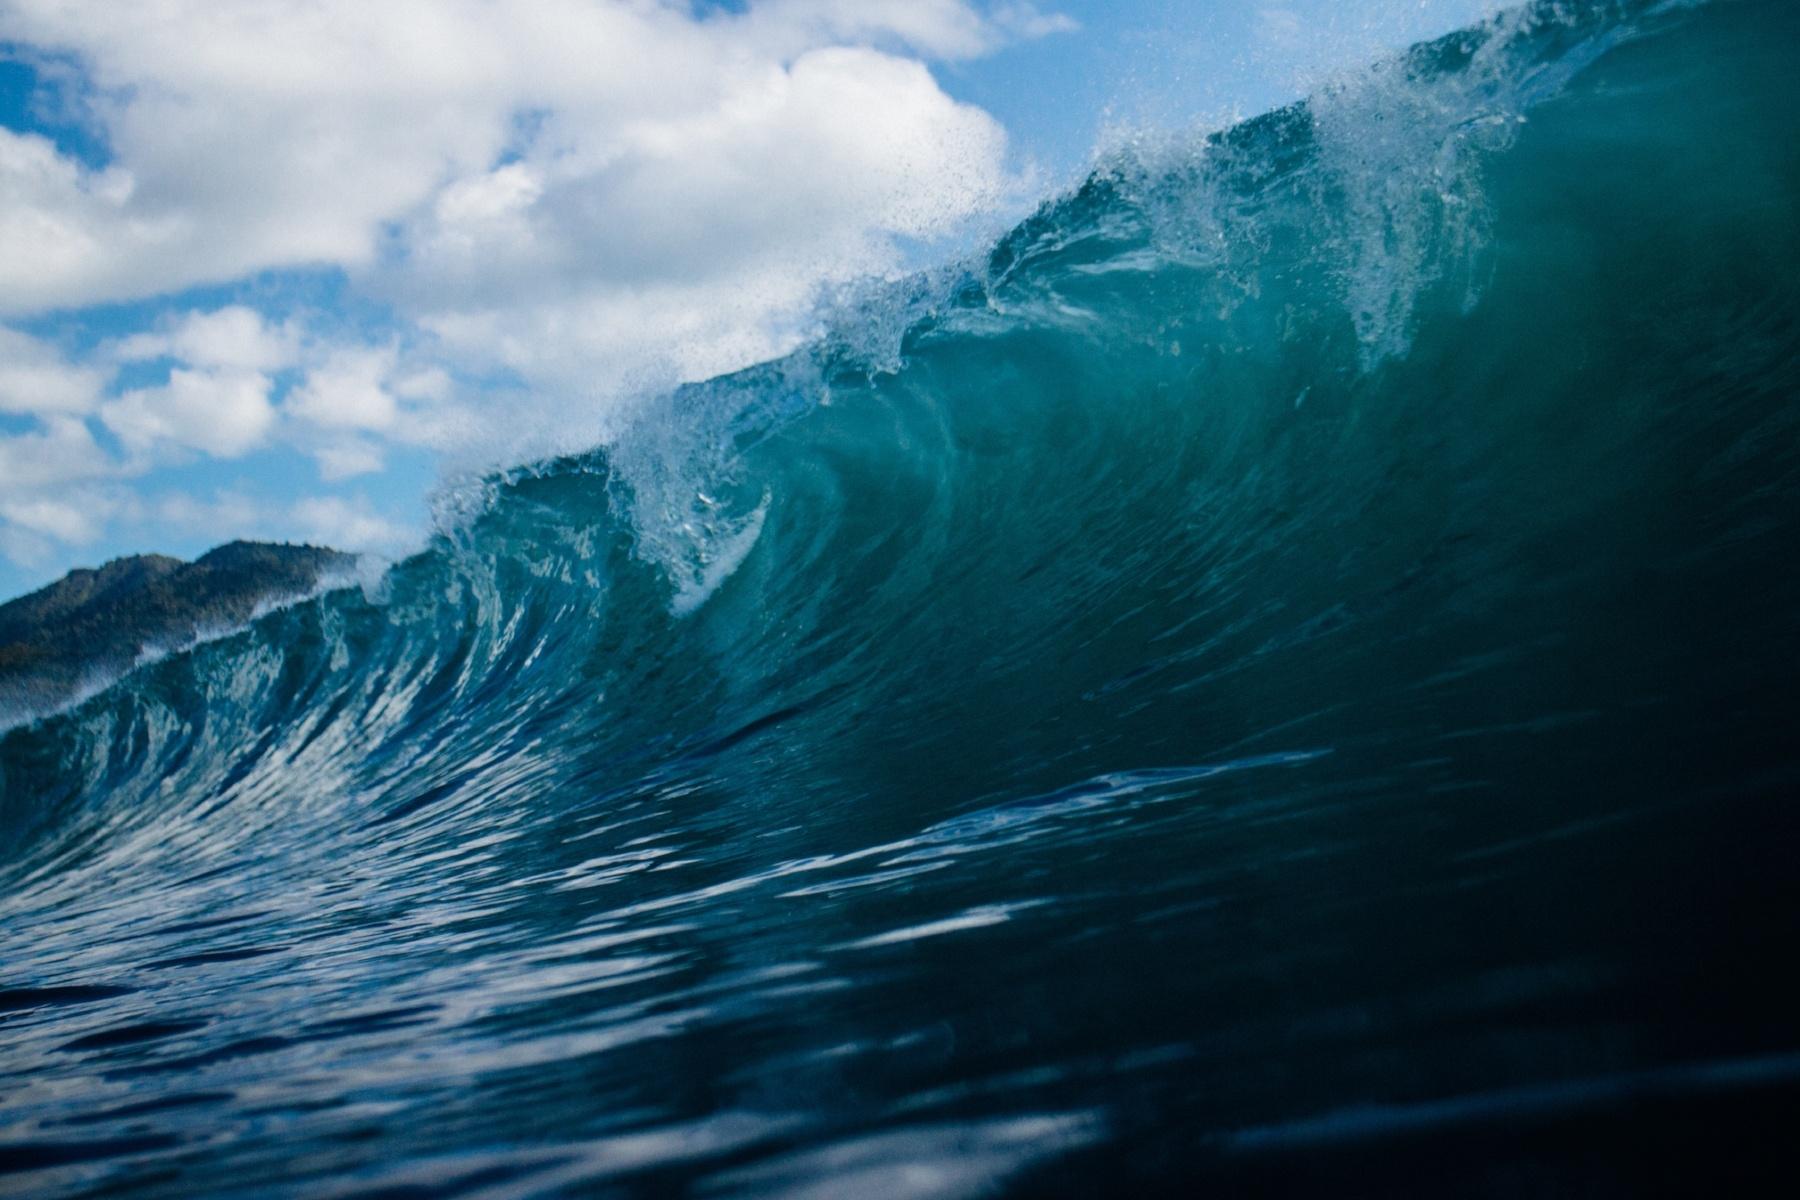 waves-891257-edited.jpeg